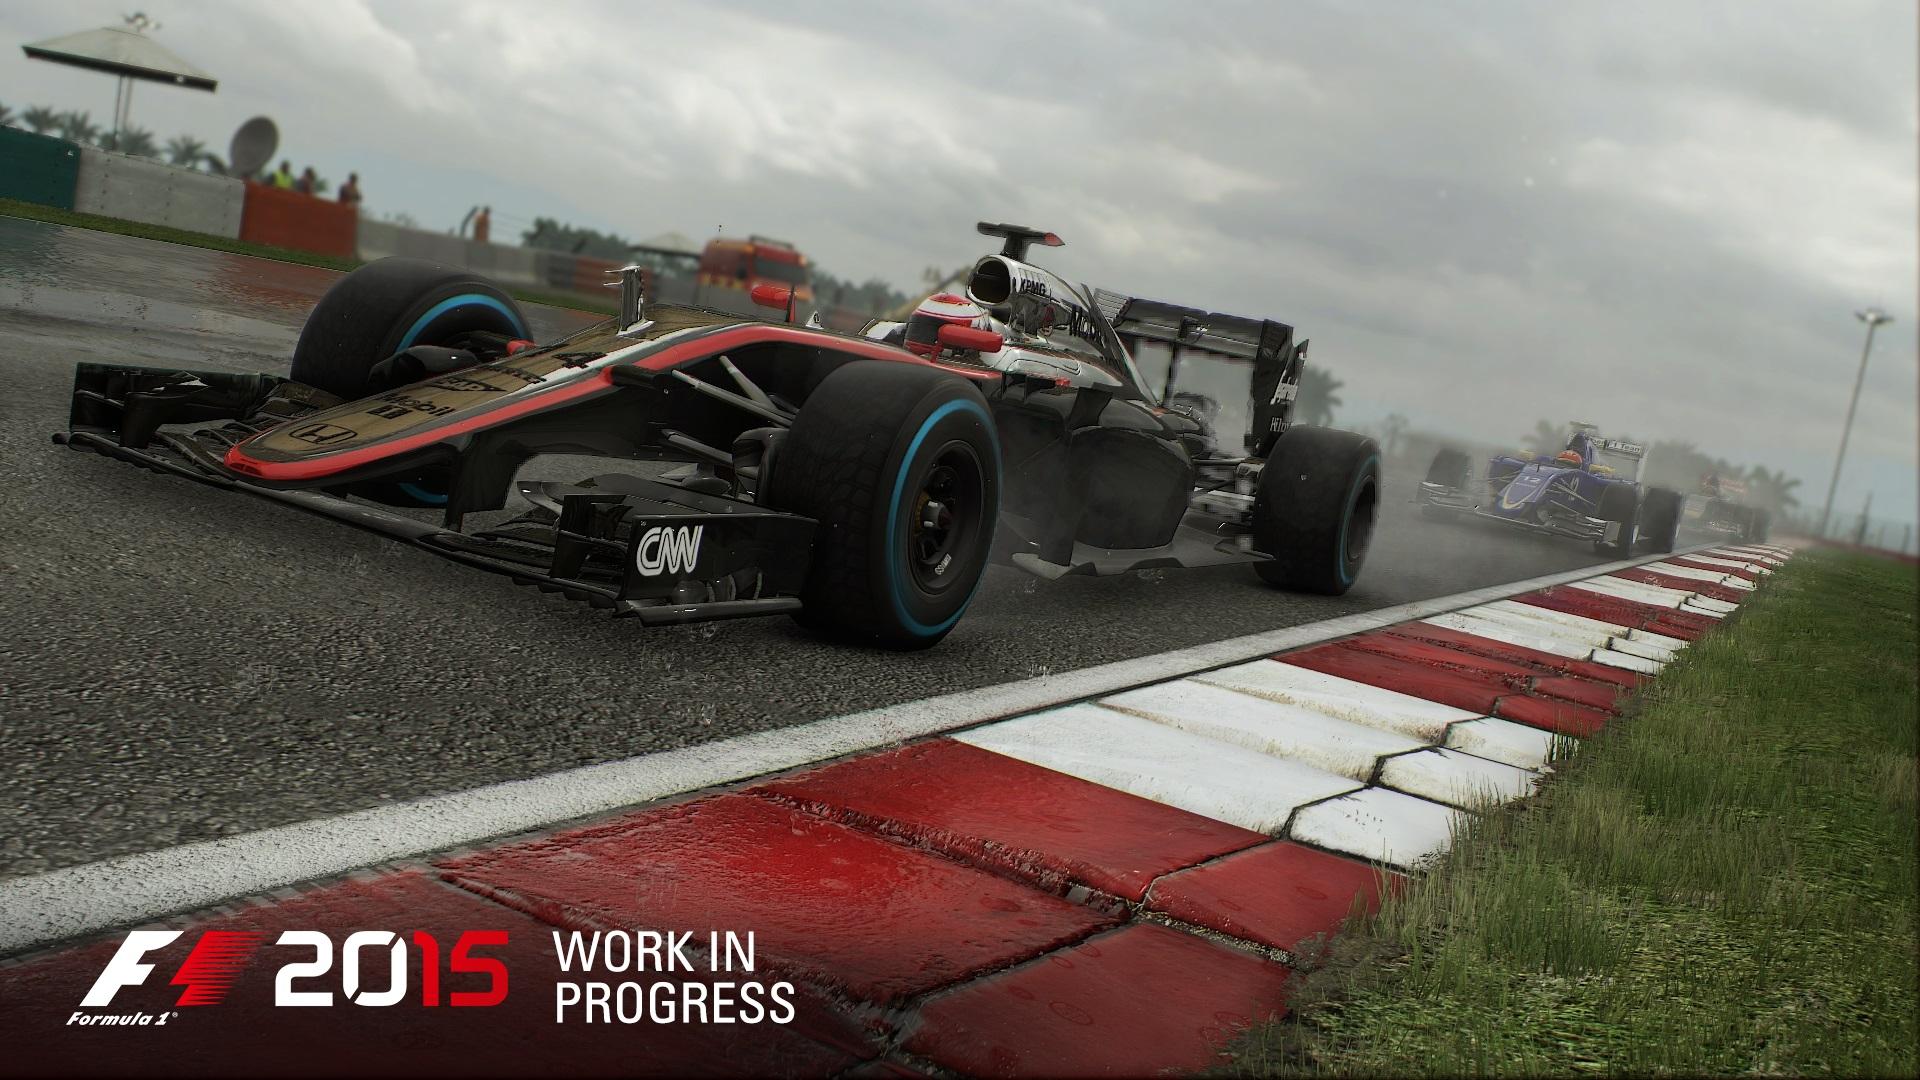 Új képek érkeztek a Forma-1 2015 játékhoz